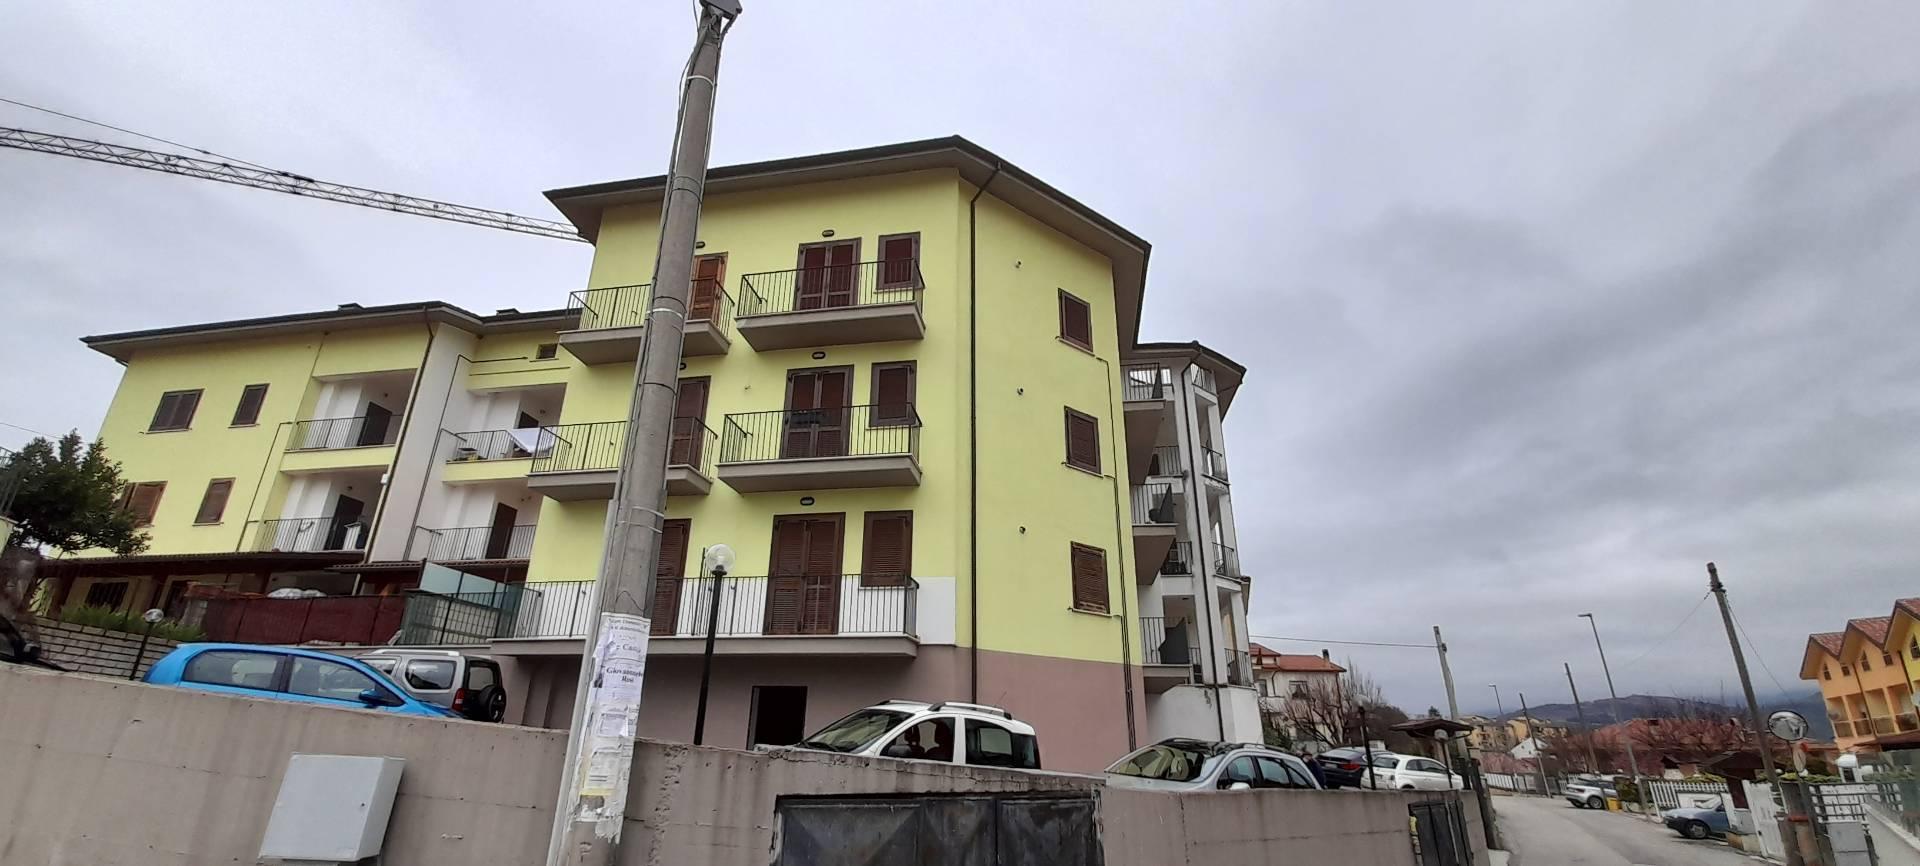 Attico / Mansarda in vendita a L'Aquila, 3 locali, zona ito, prezzo € 49.000 | PortaleAgenzieImmobiliari.it